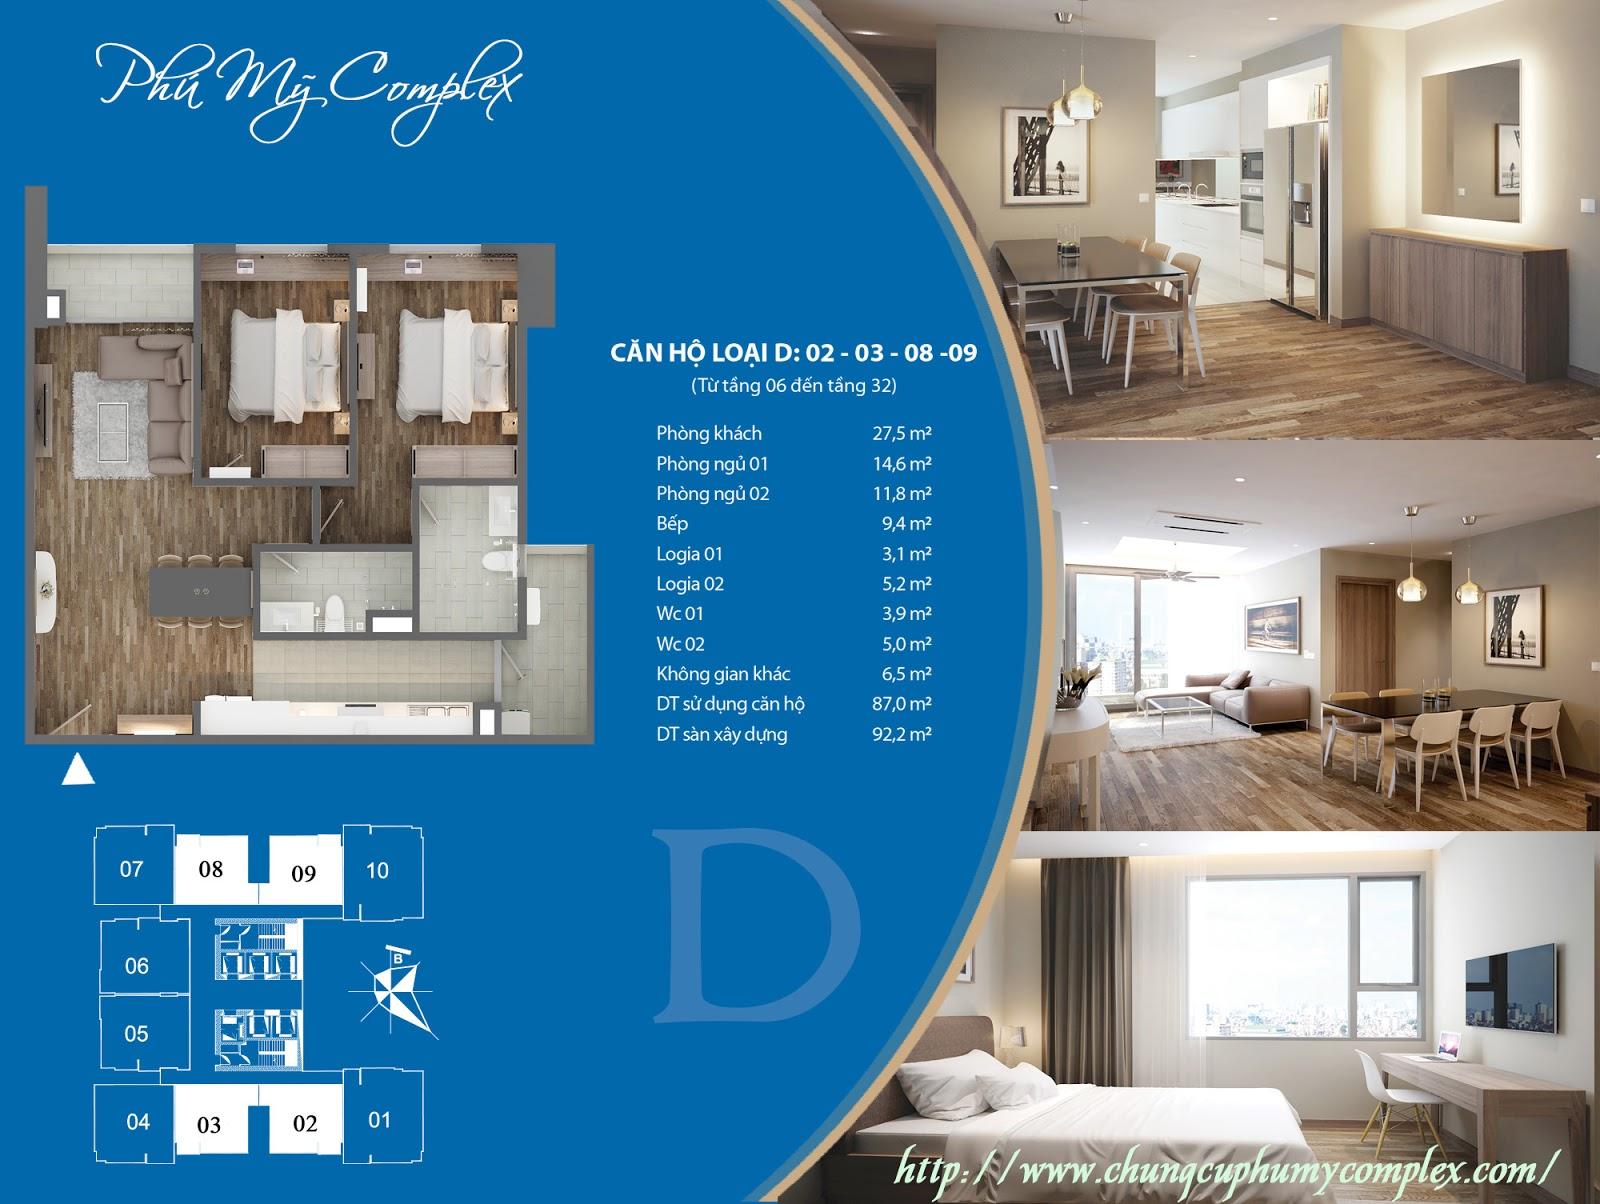 Bán lại căn 2608 chung cư Phú Mỹ Complex - Giá 31.5tr/m2